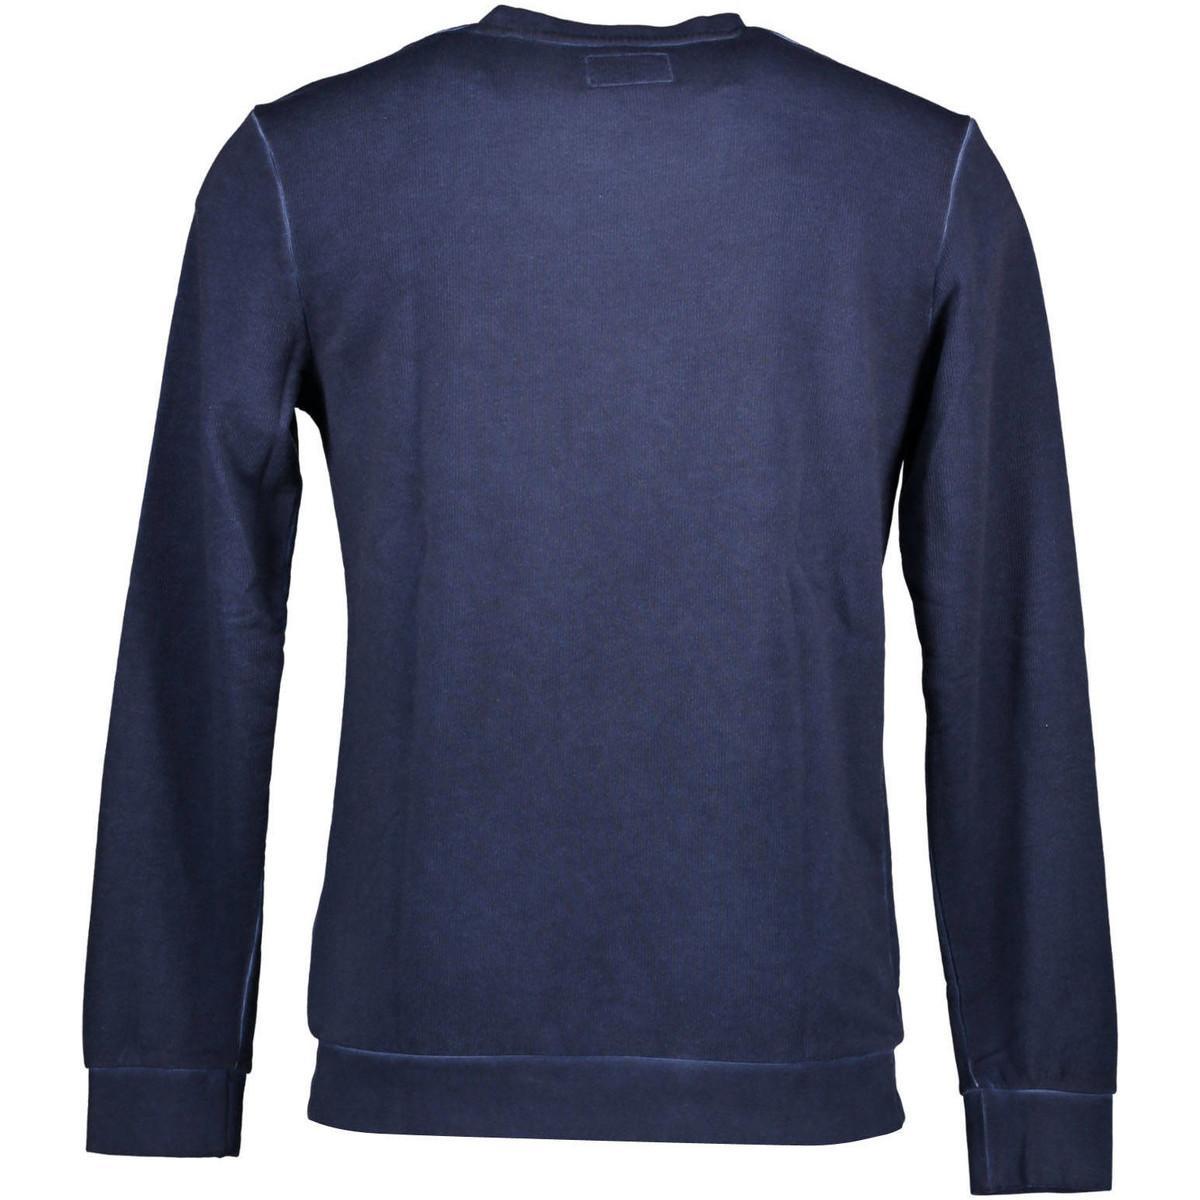 Guess Sweater M83q05k7cl0 in het Blauw voor heren